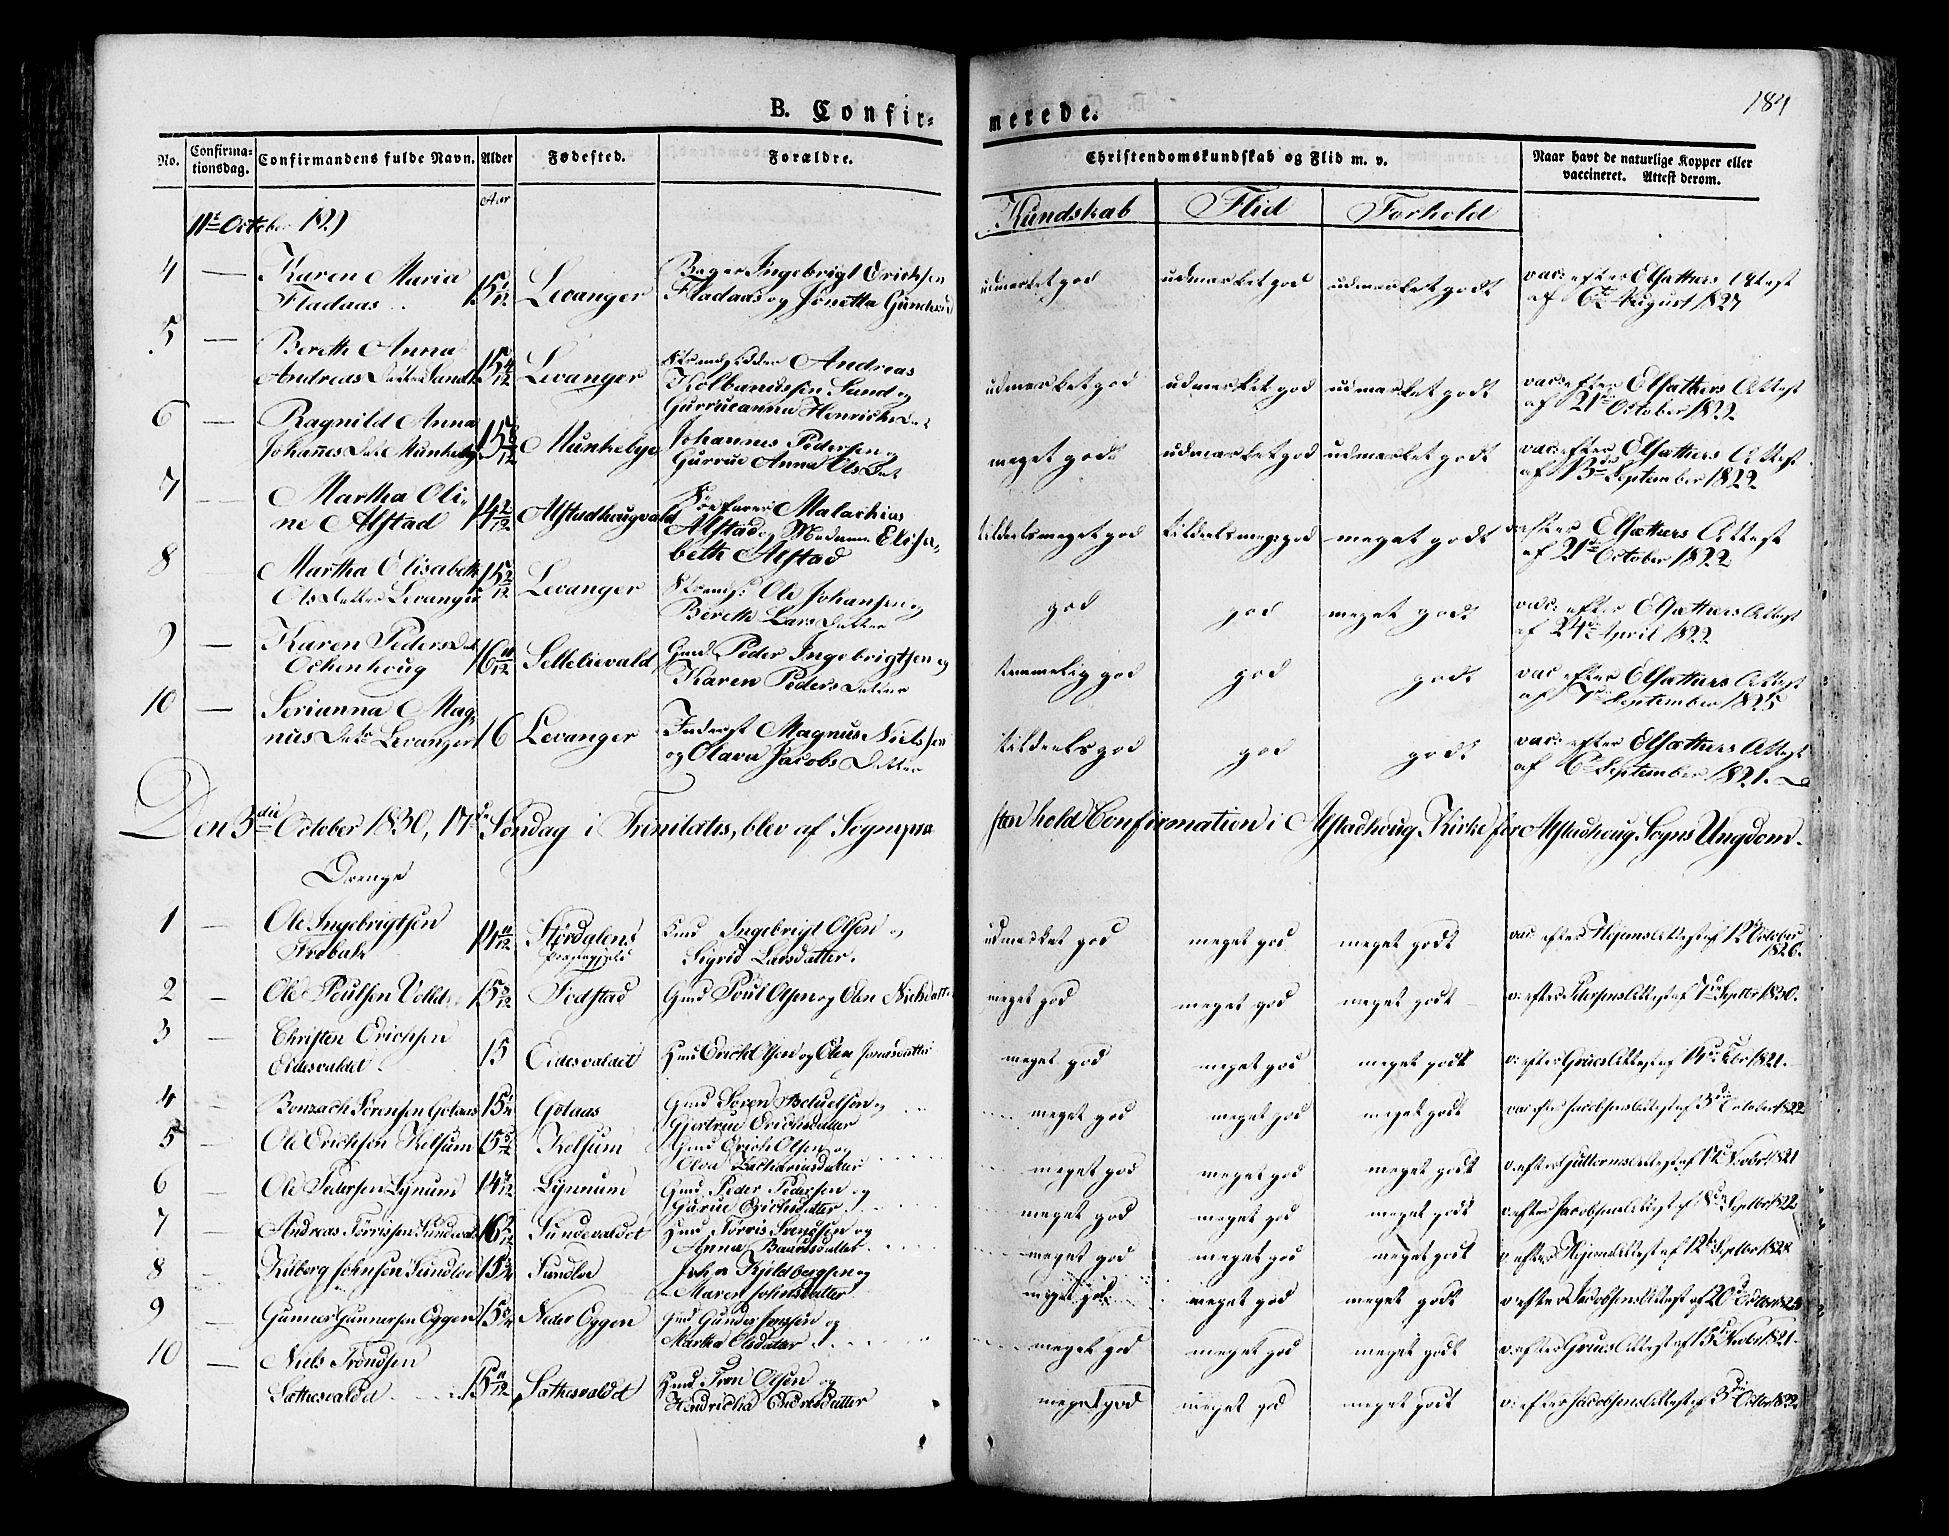 SAT, Ministerialprotokoller, klokkerbøker og fødselsregistre - Nord-Trøndelag, 717/L0152: Ministerialbok nr. 717A05 /1, 1825-1836, s. 184